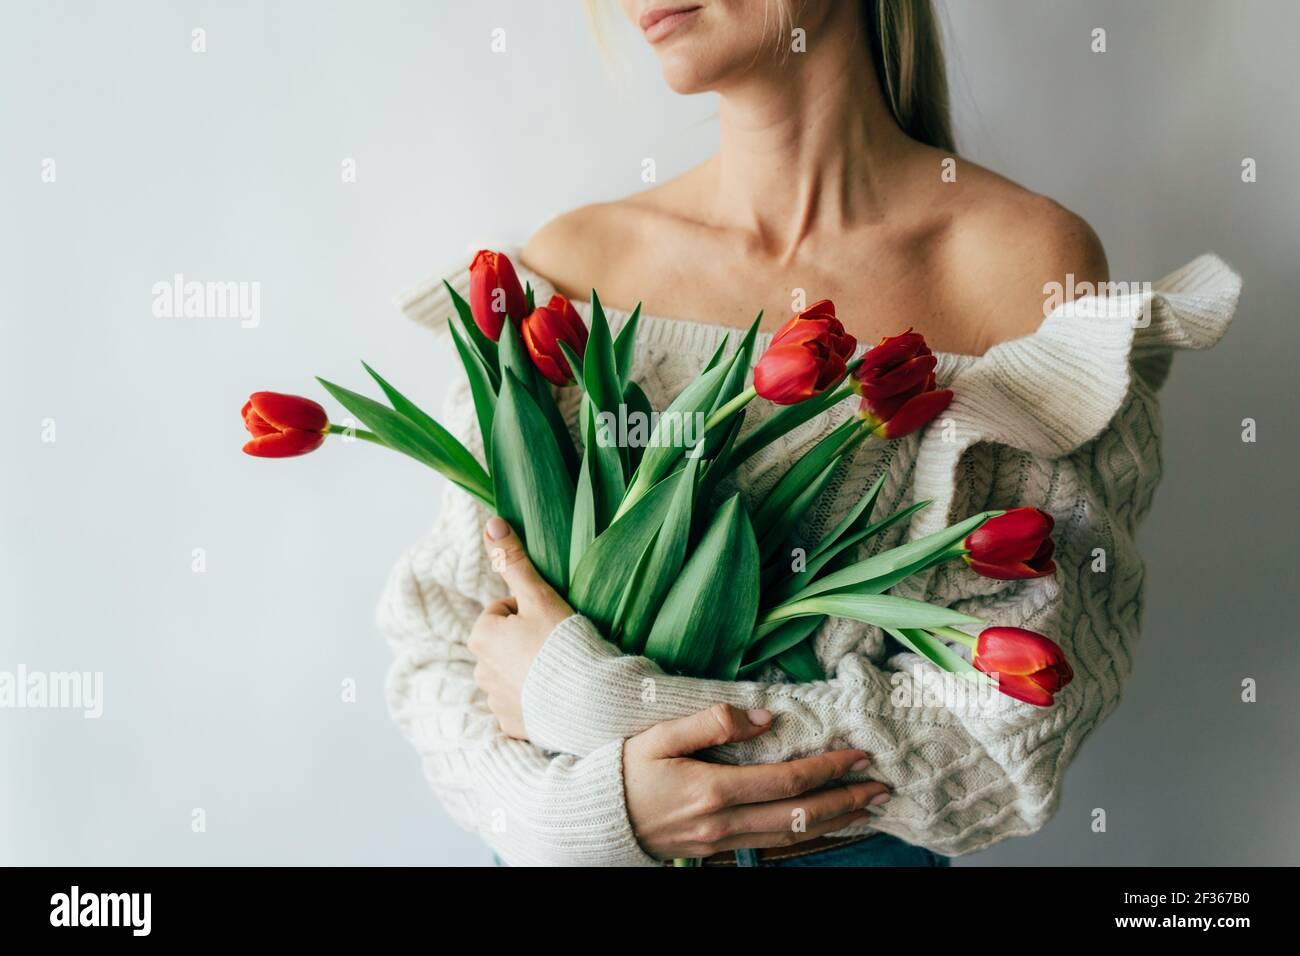 Une jeune femme tient un magnifique bouquet de tulipes rouges dans ses mains. Banque D'Images